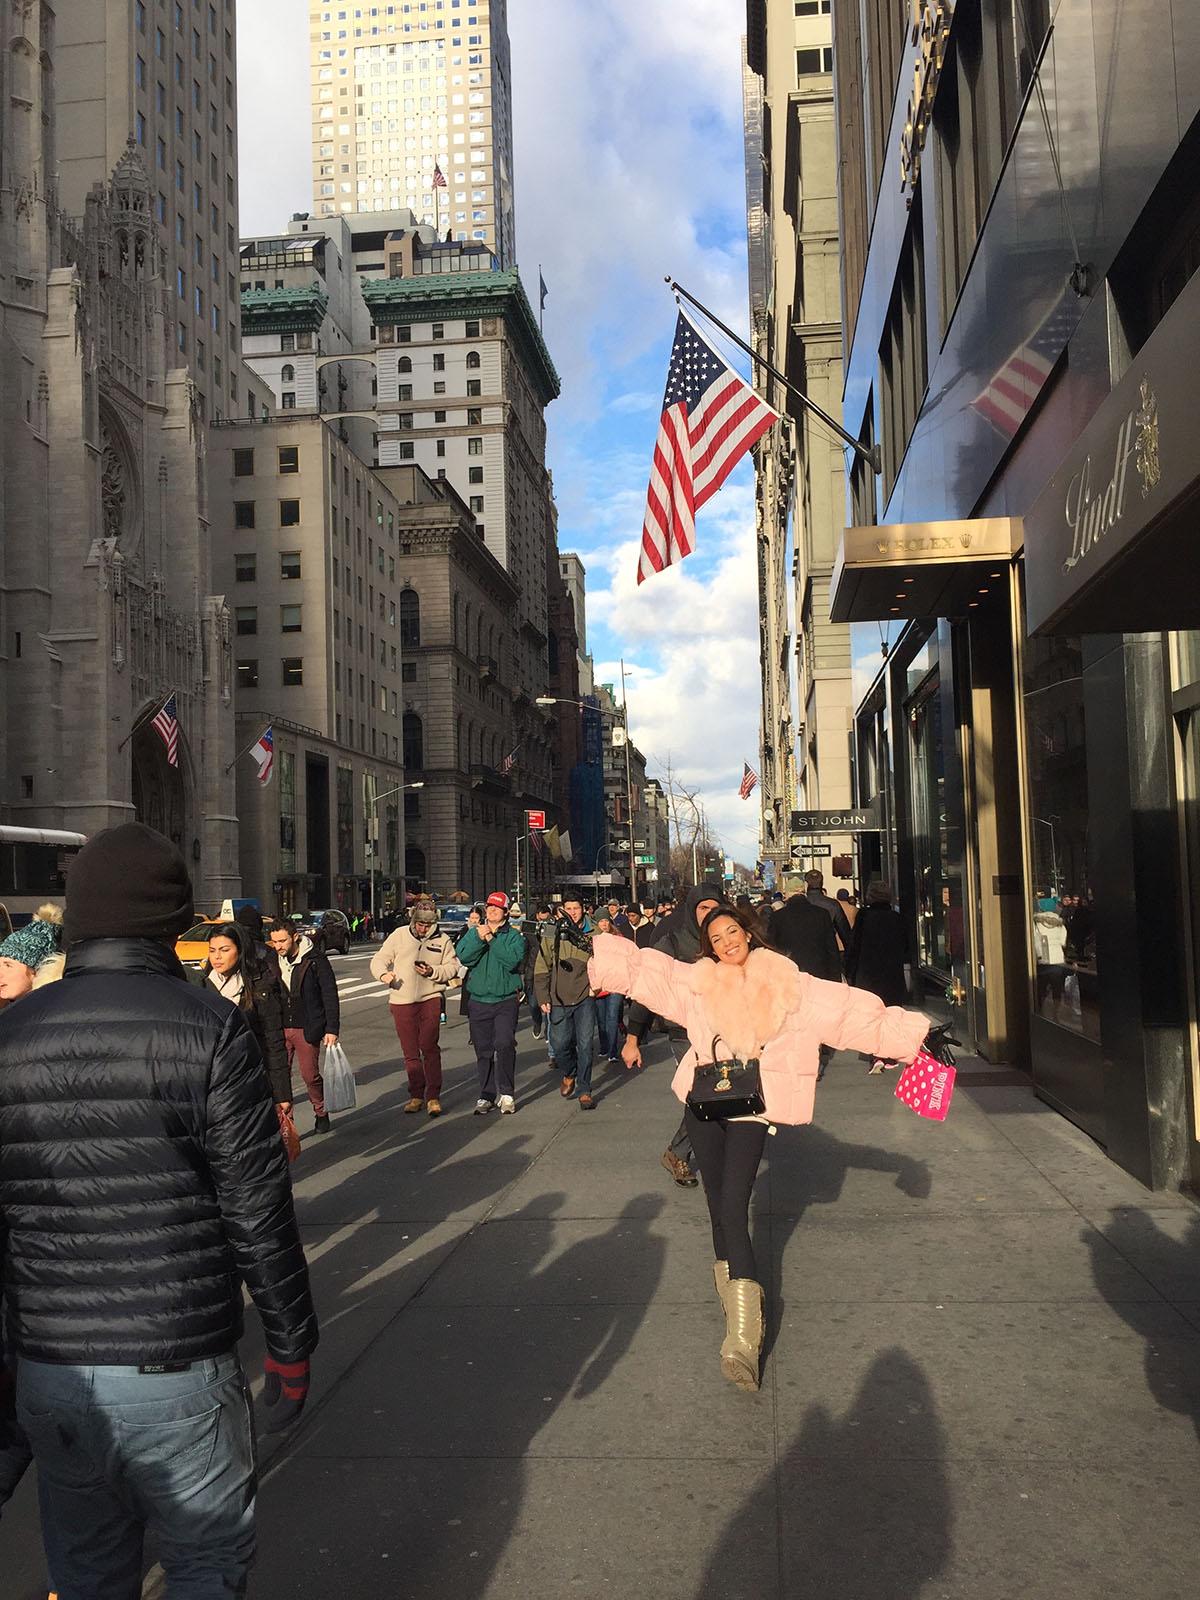 Candela Gomez Vivir en NYC - Tu guía para sobrevivir en NYC turismo